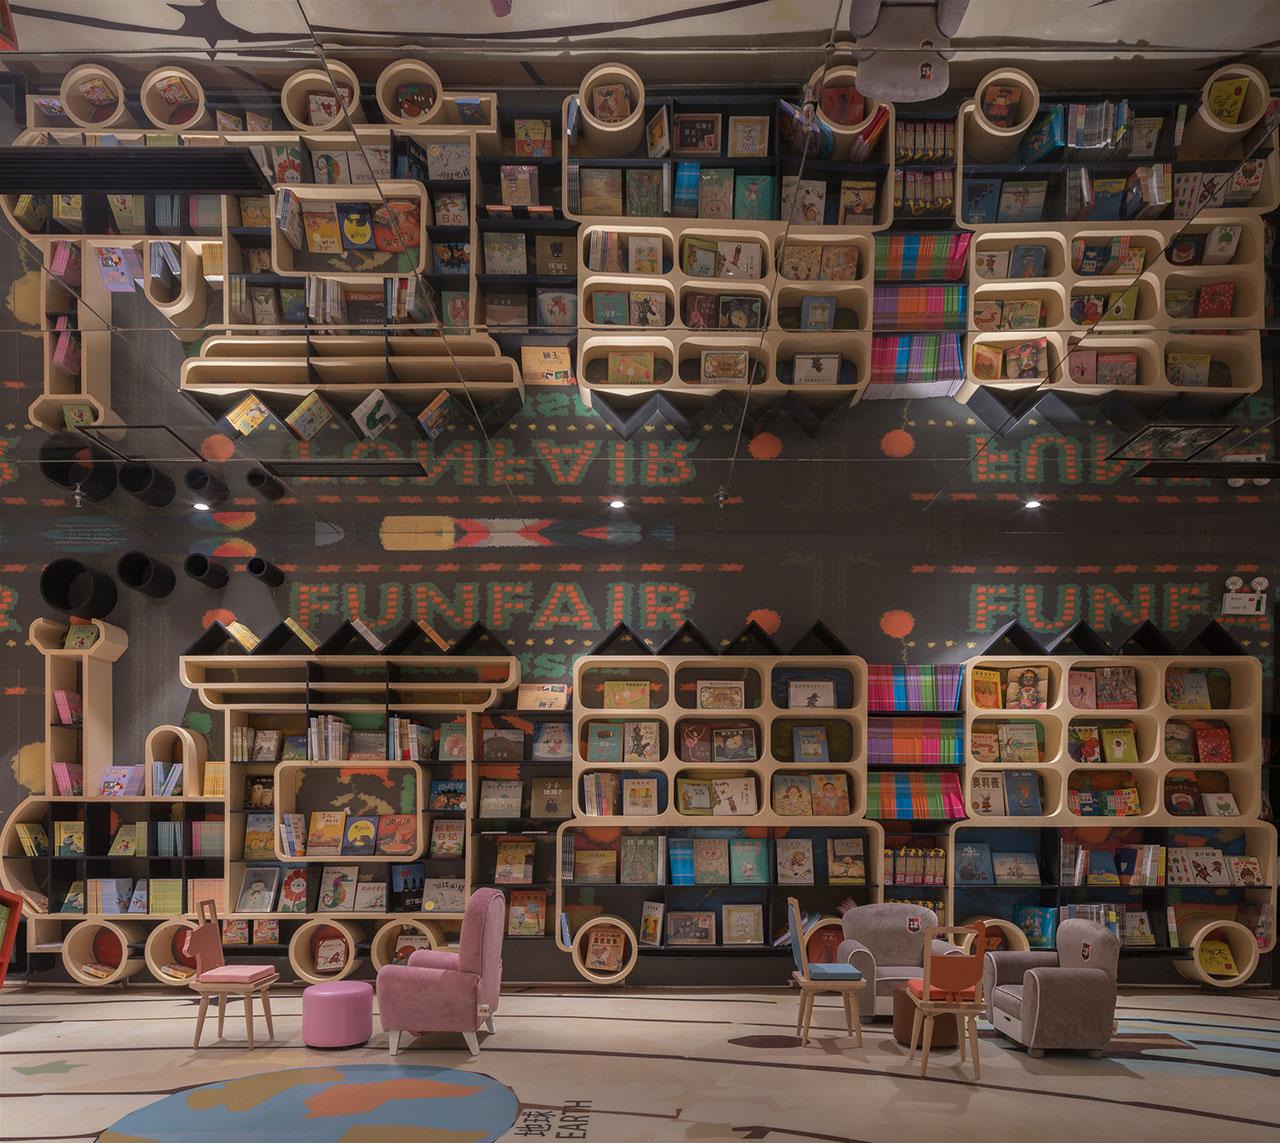 f5_hangzhou_zhongshuge_bookstore_xl_muse_yatzer